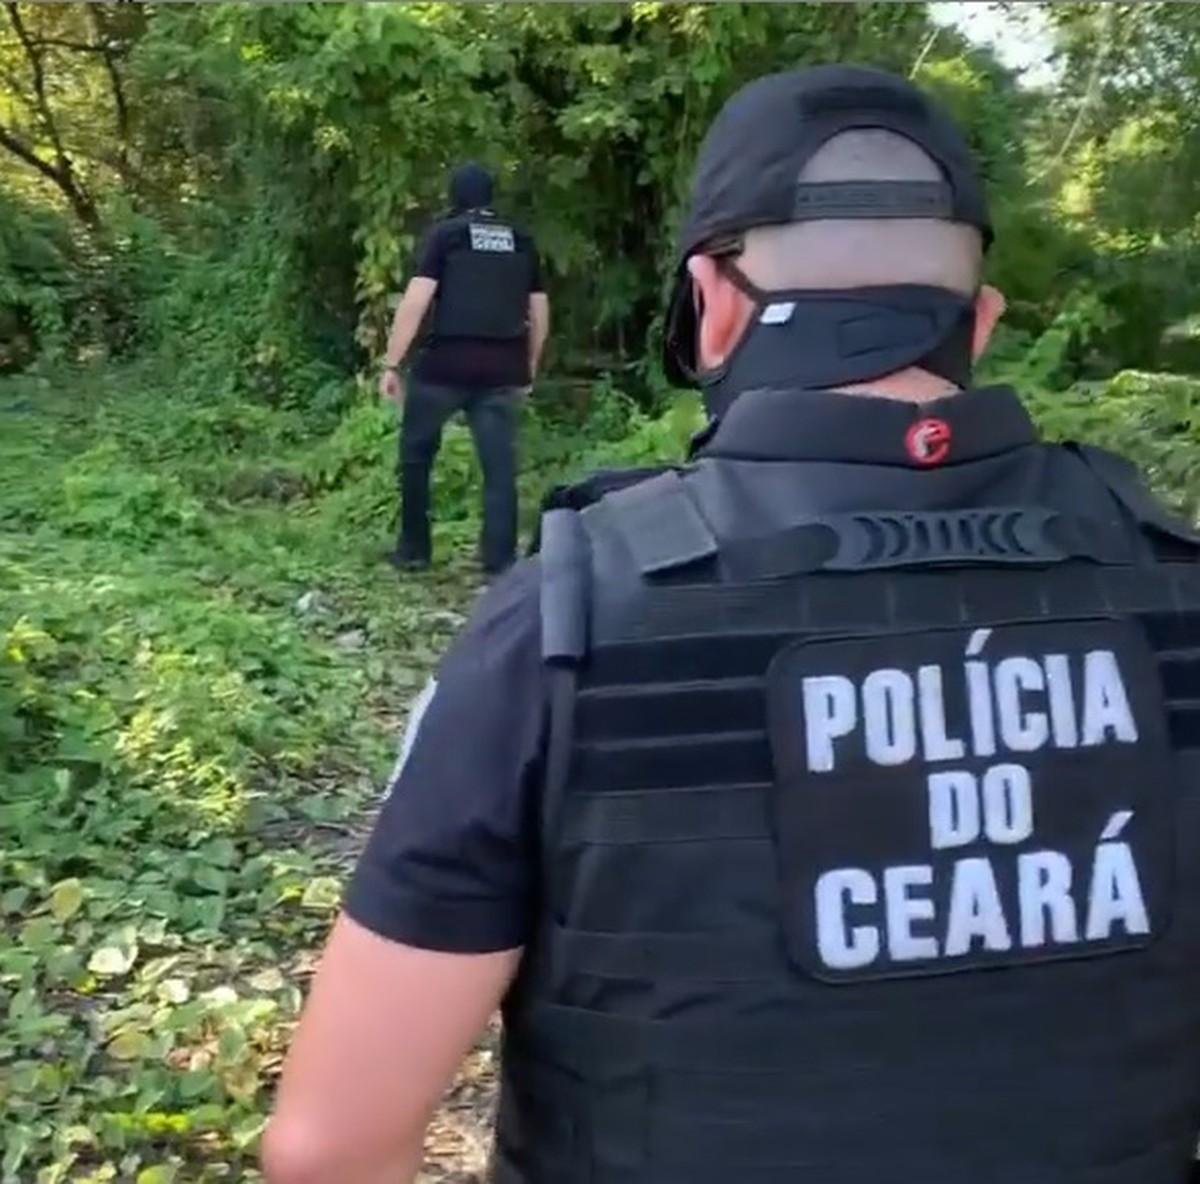 Criminoso da lista de mais procurados do Ceará e chefe de facção de Caucaia é preso em apartamento no Piauí – G1